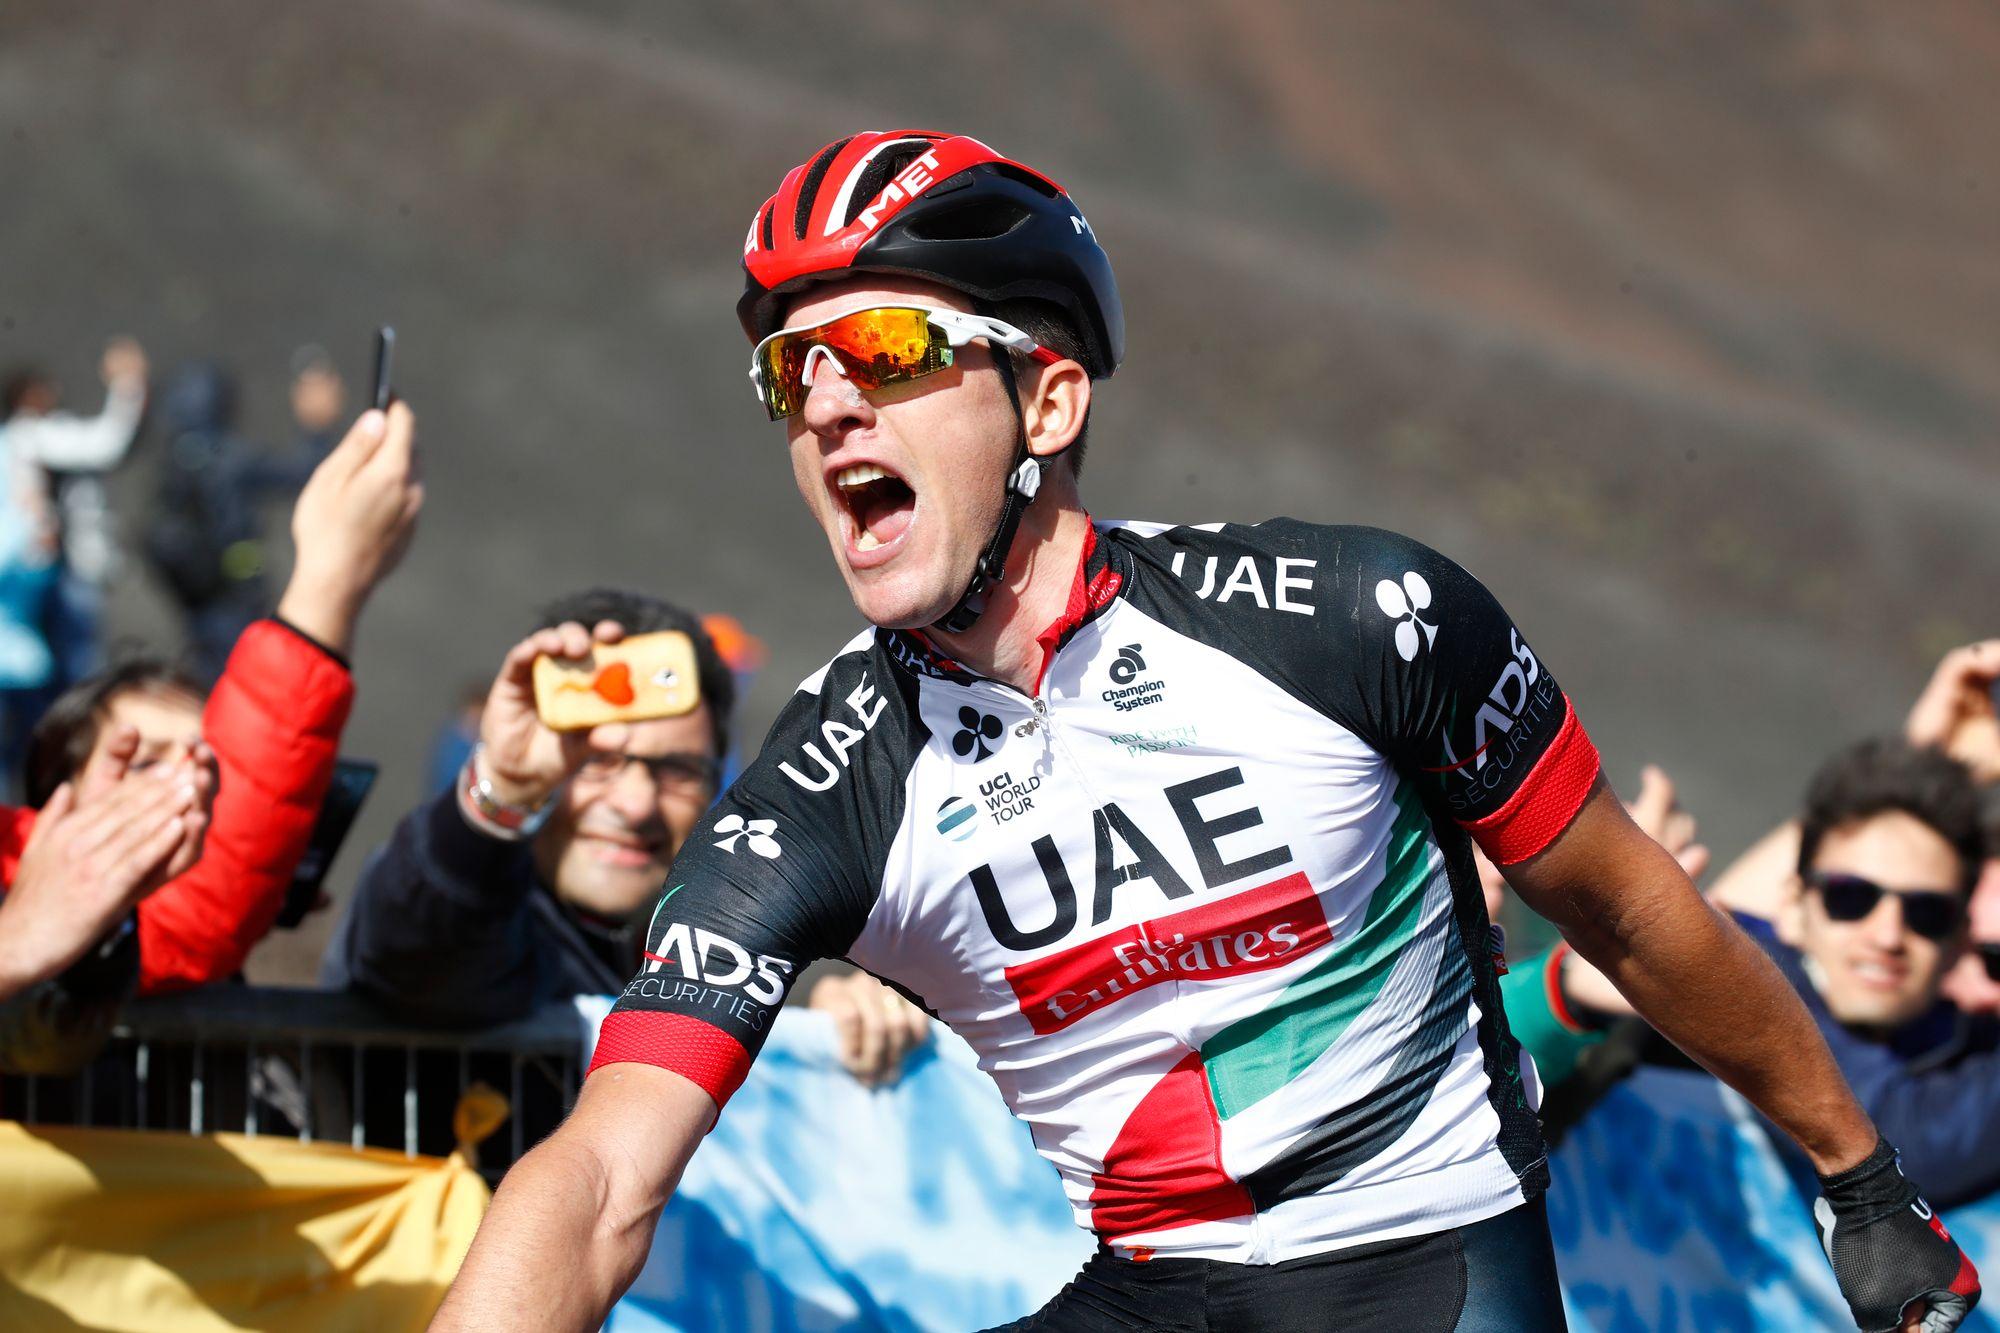 Tour d'Italie: Polanc vainqueur sur l'Etna, Jungels en rose